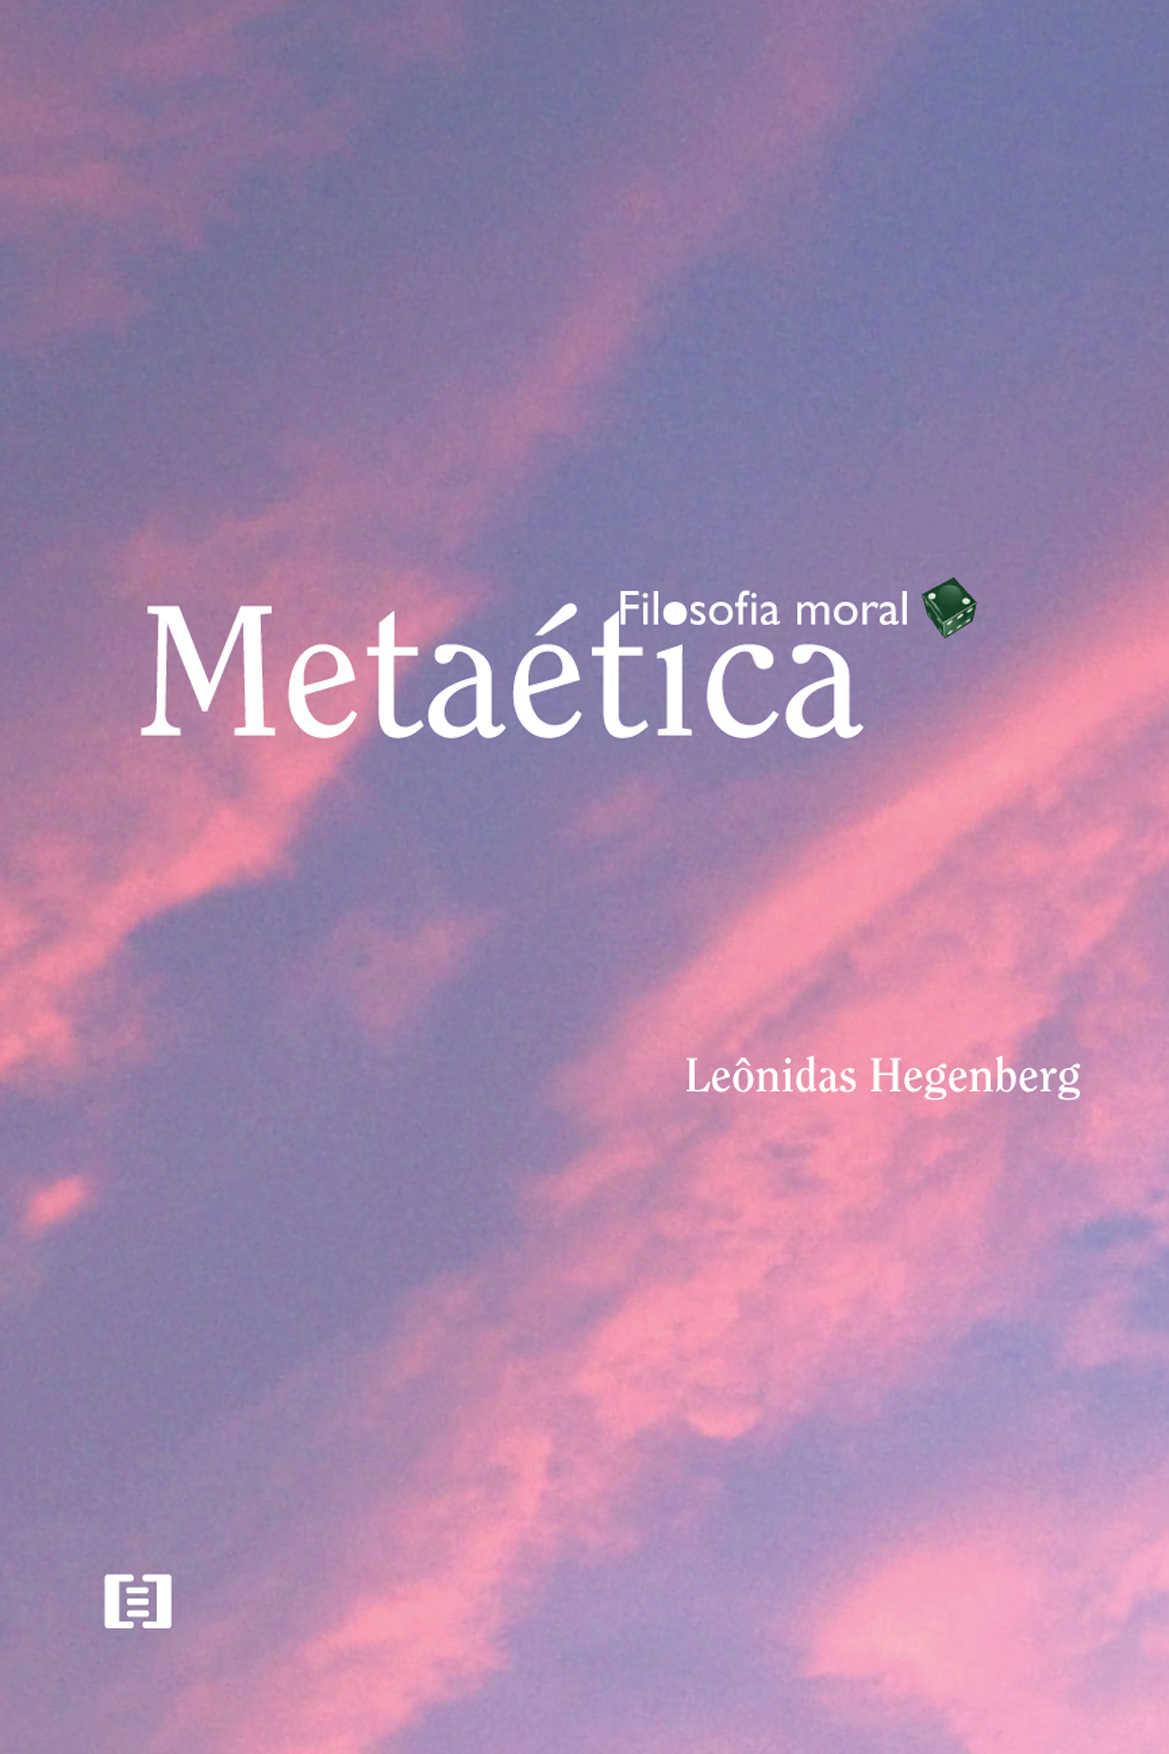 Filosofia moral v. 2: Metaética